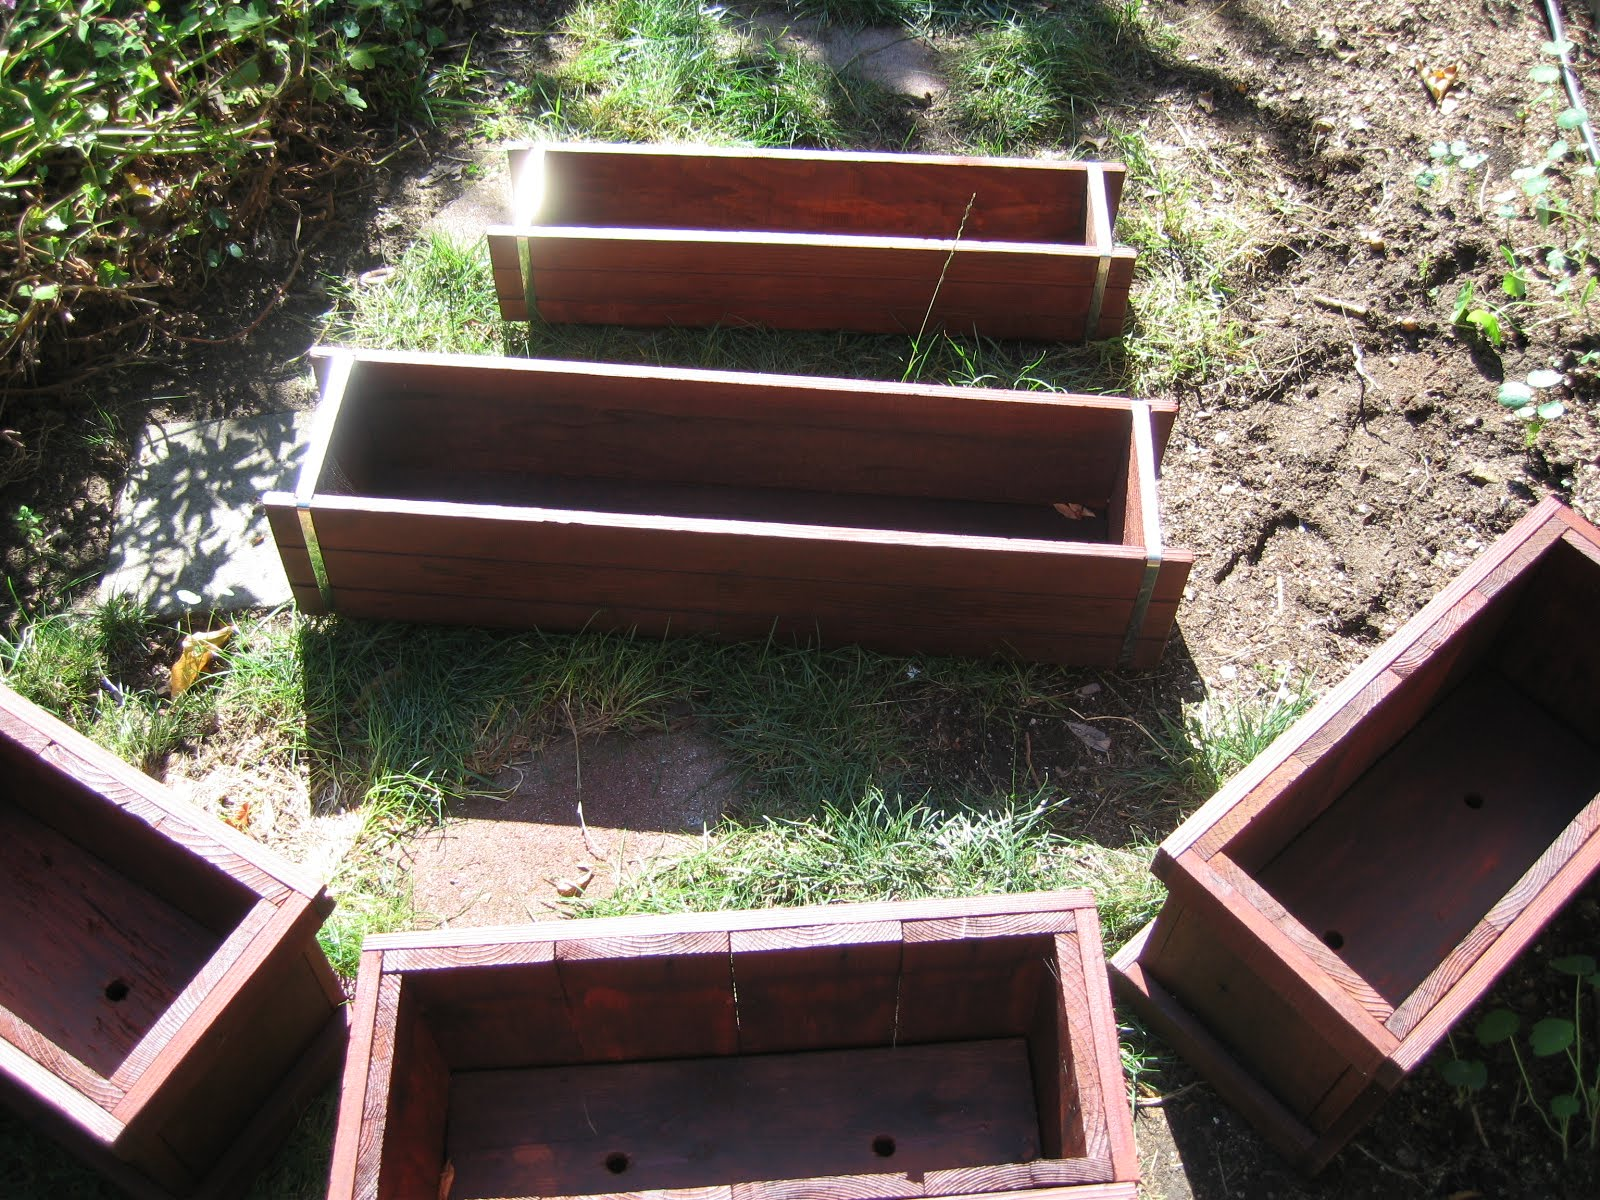 for sale sold redwood planter box set 50